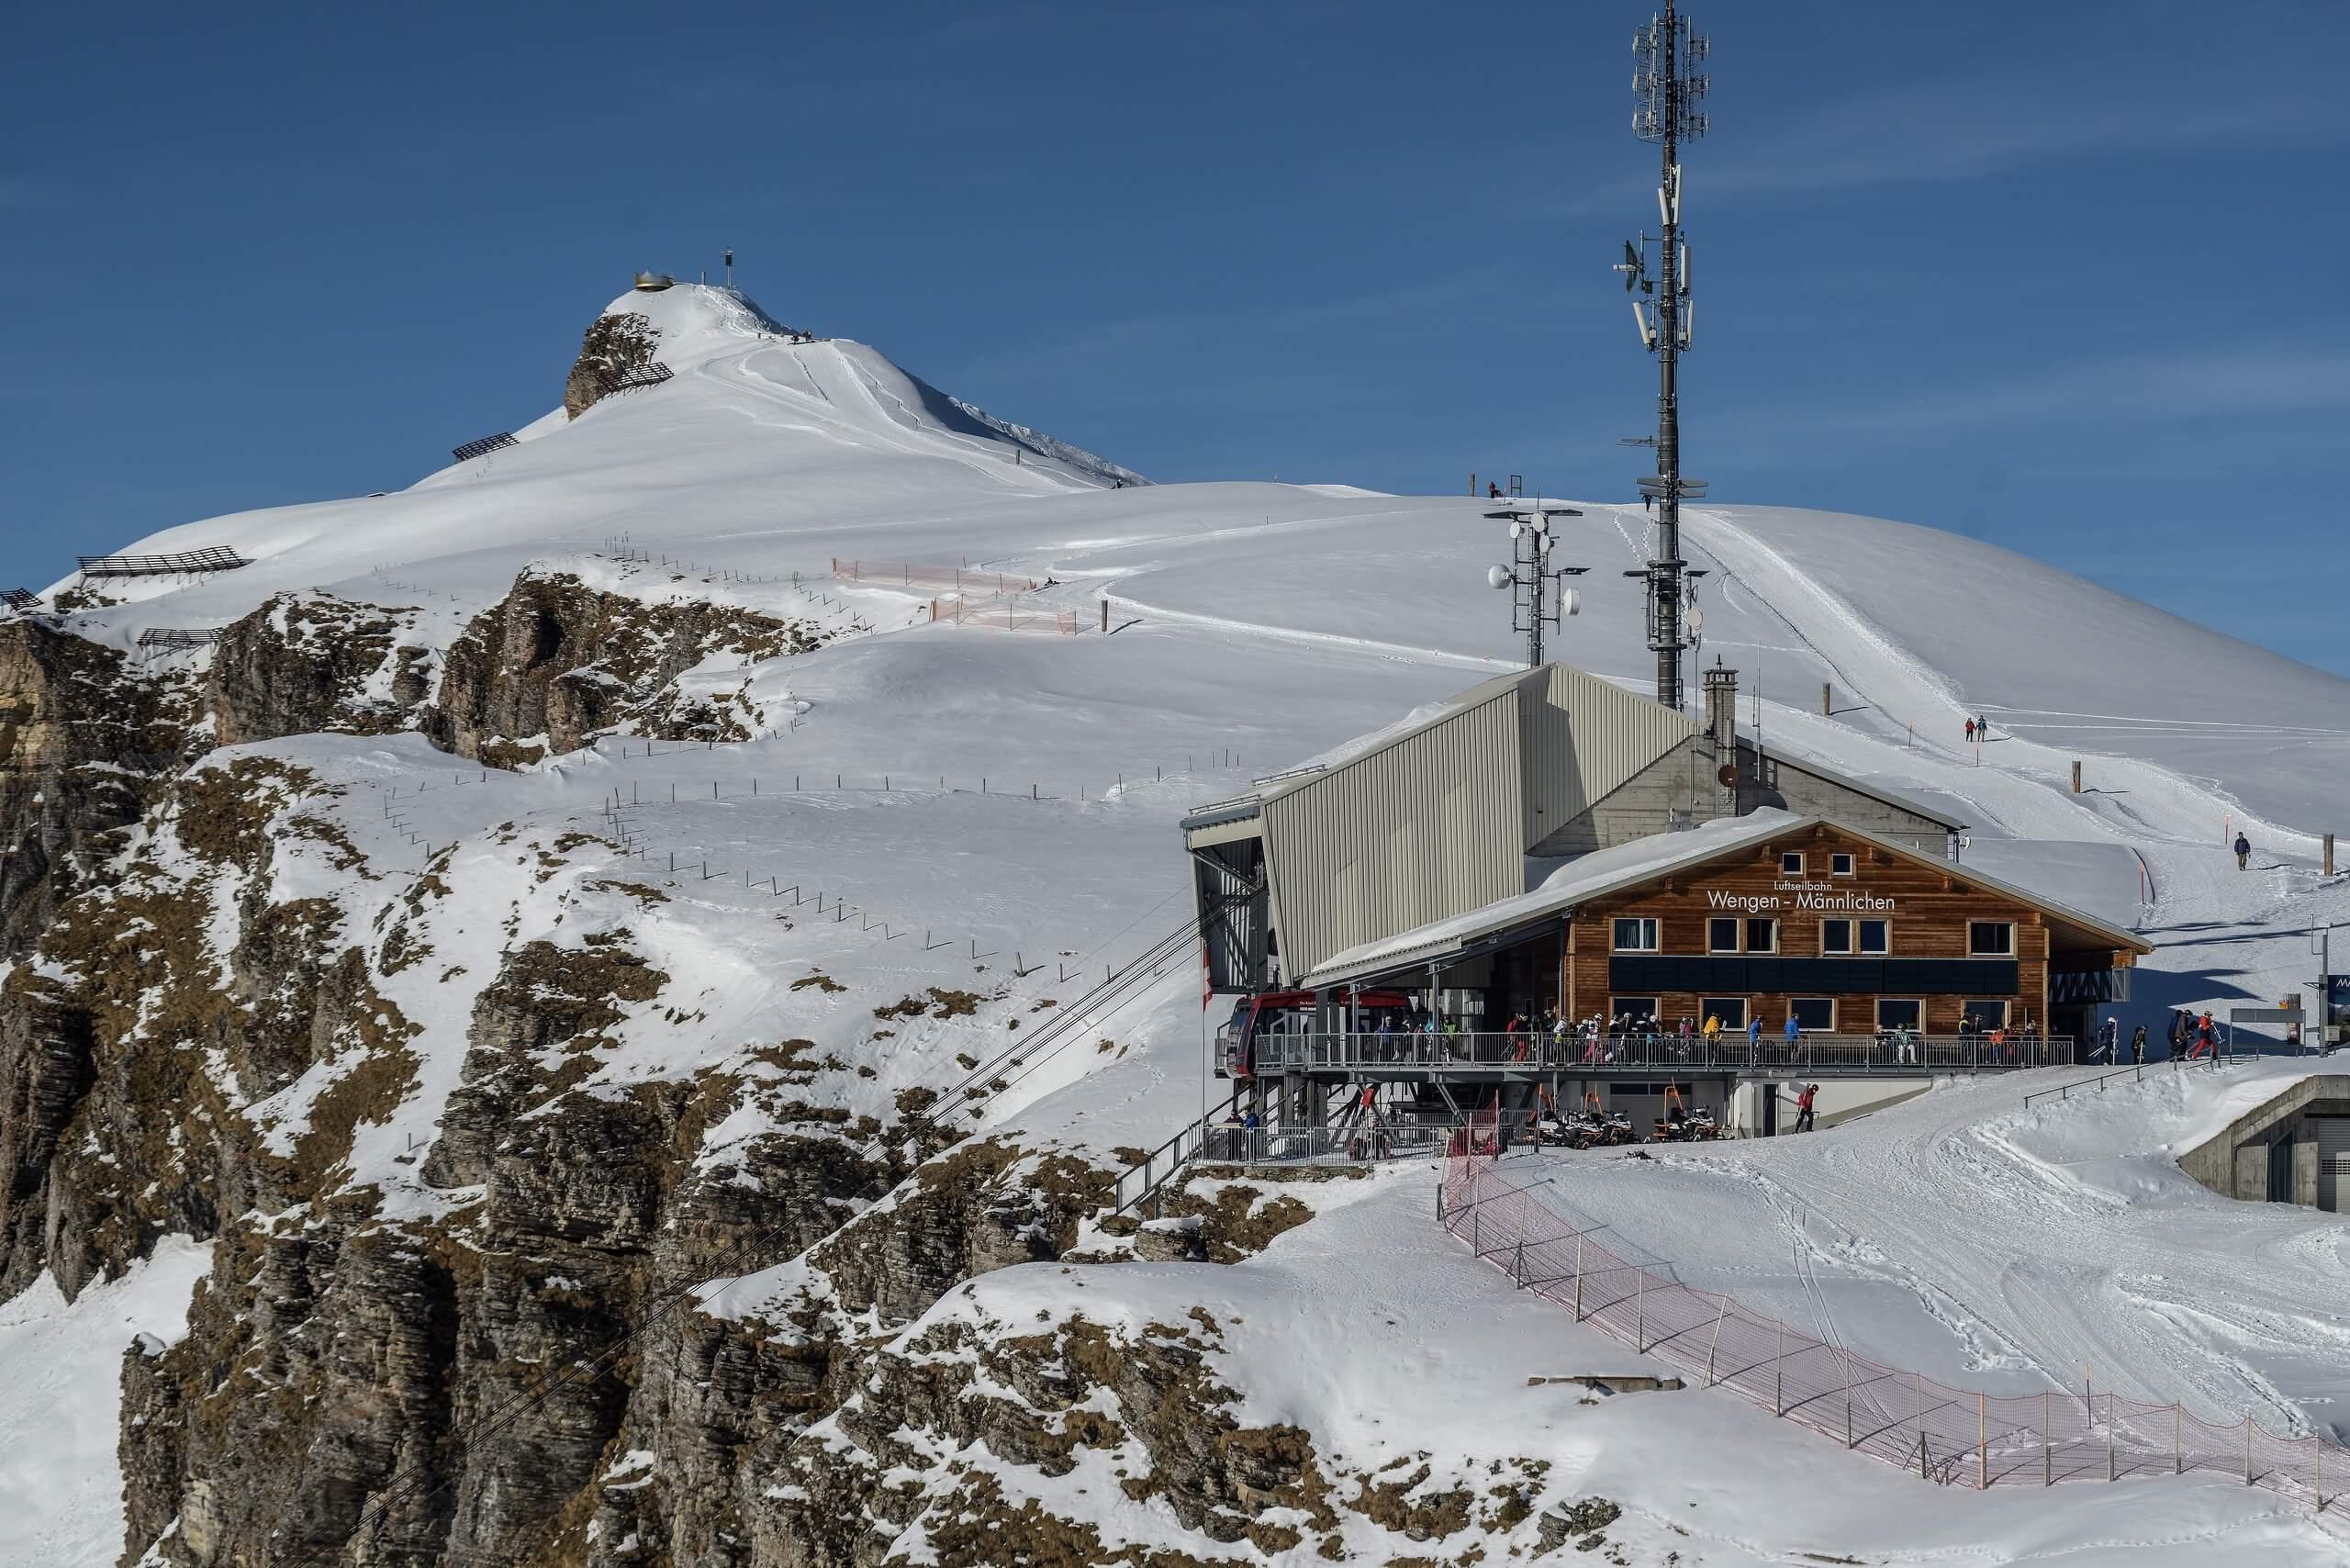 maennlichen-lwm-berge-winter-skiregion